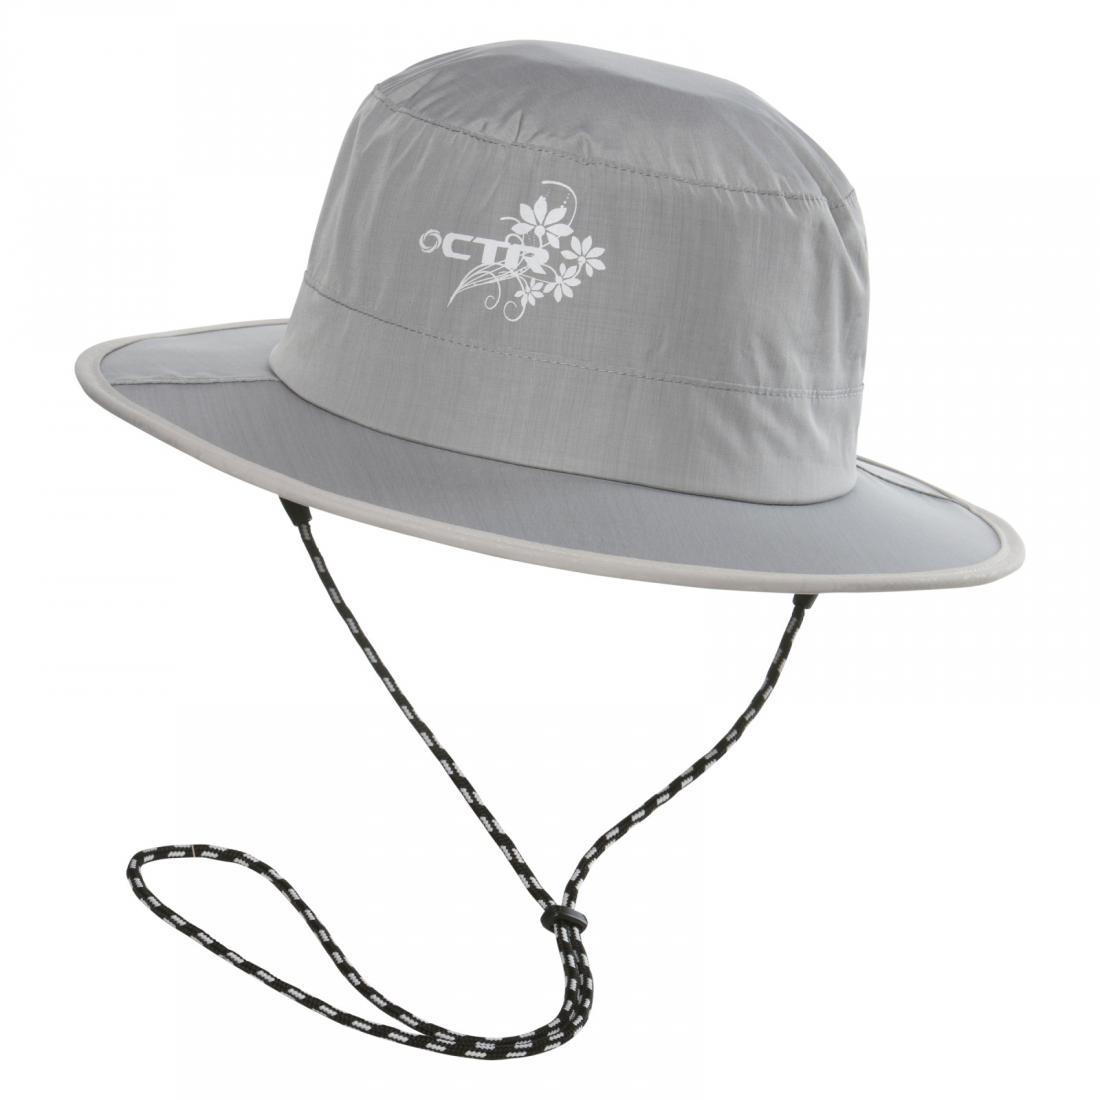 Панама Chaos  Stratus Bucket Hat (женс)Панамы<br><br><br>Цвет: Серый<br>Размер: L-XL